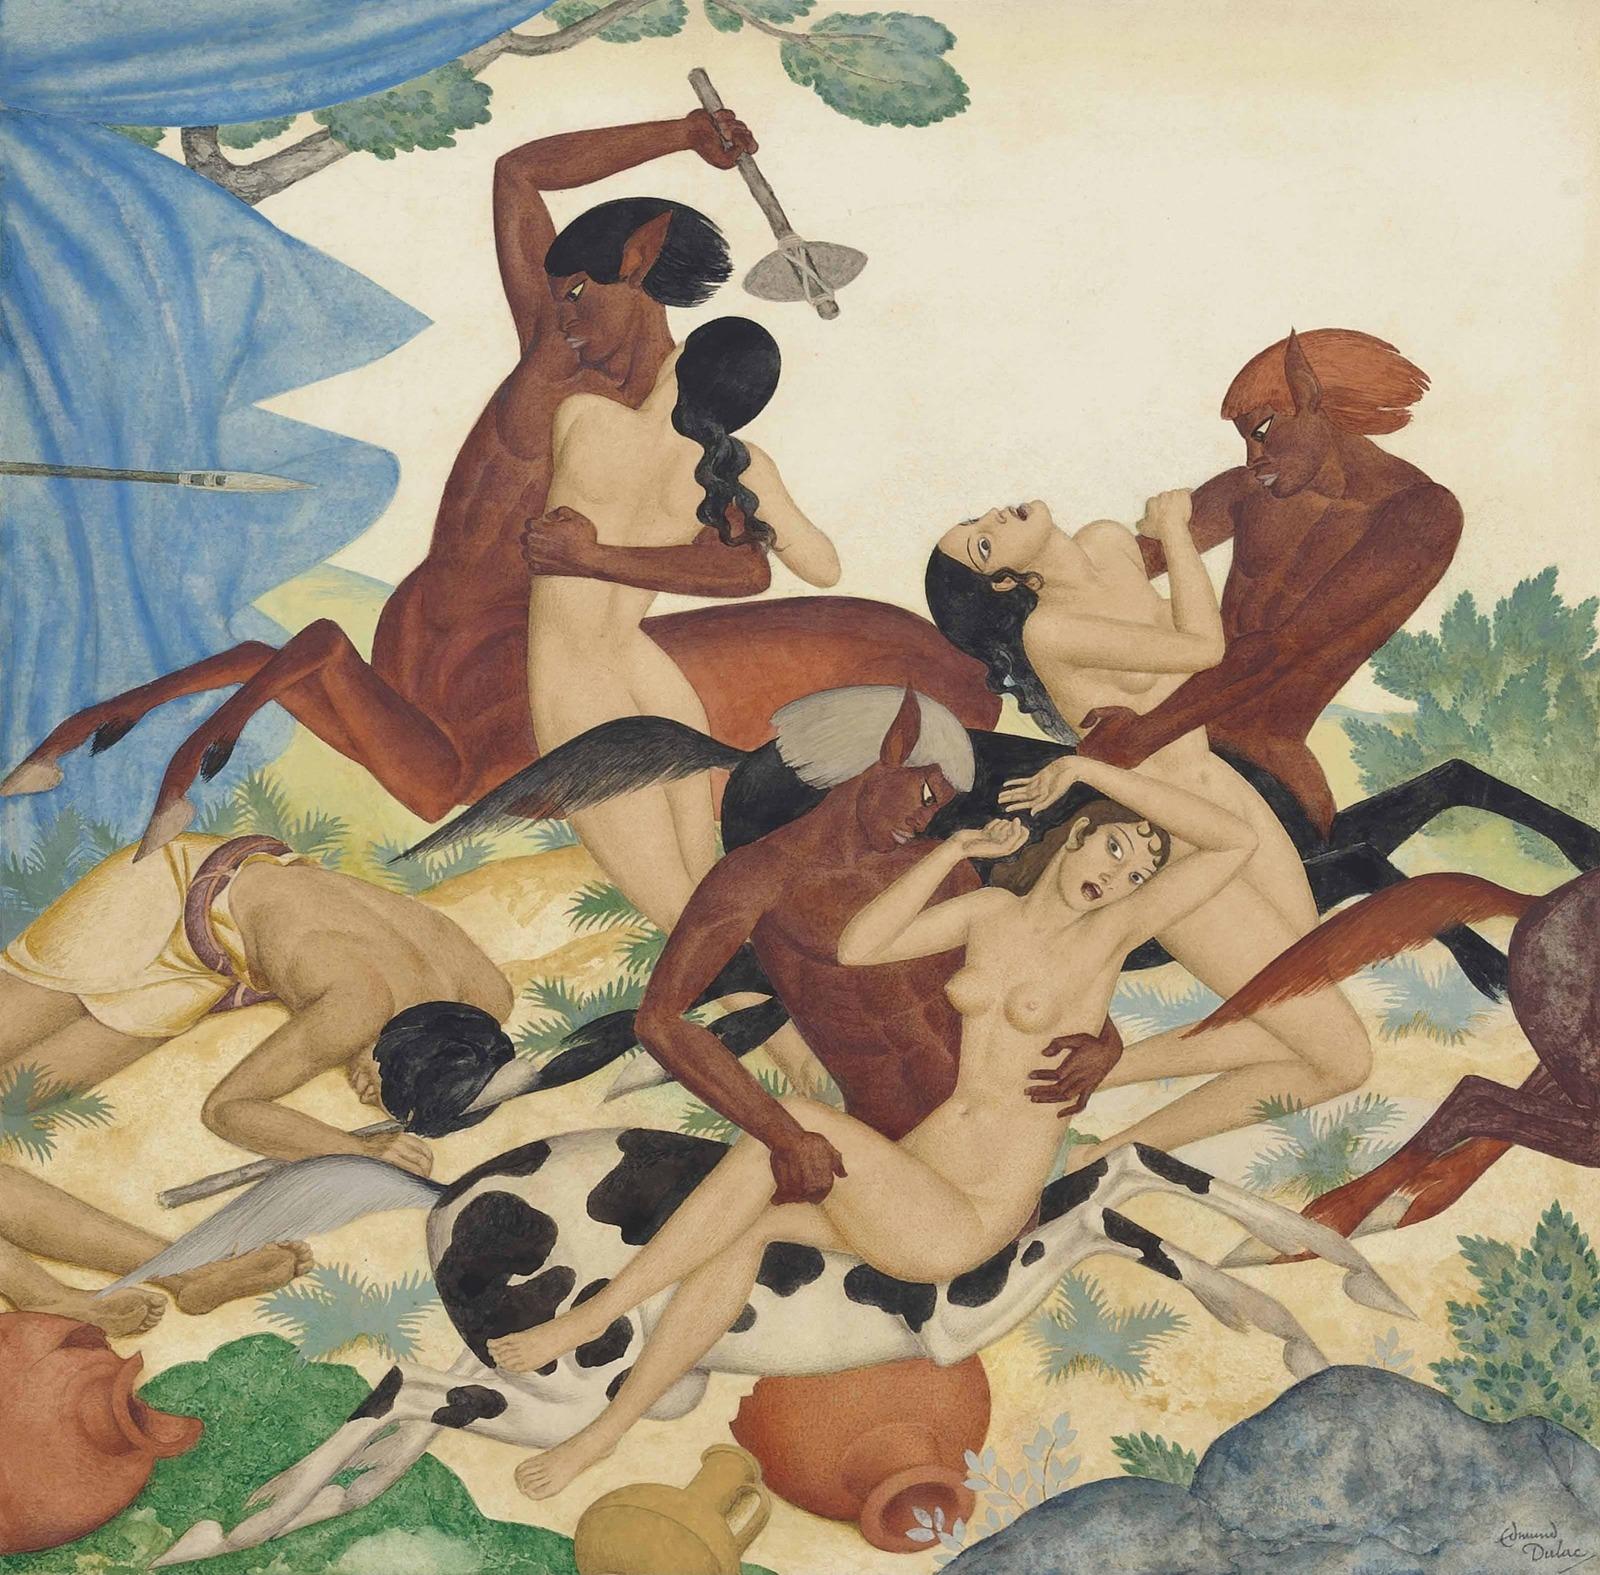 Похищение лапифянок (The rape of the Lapithae Women)_33 х 30.5_бумага, карандаш и акварель_Частное собрание.jpg